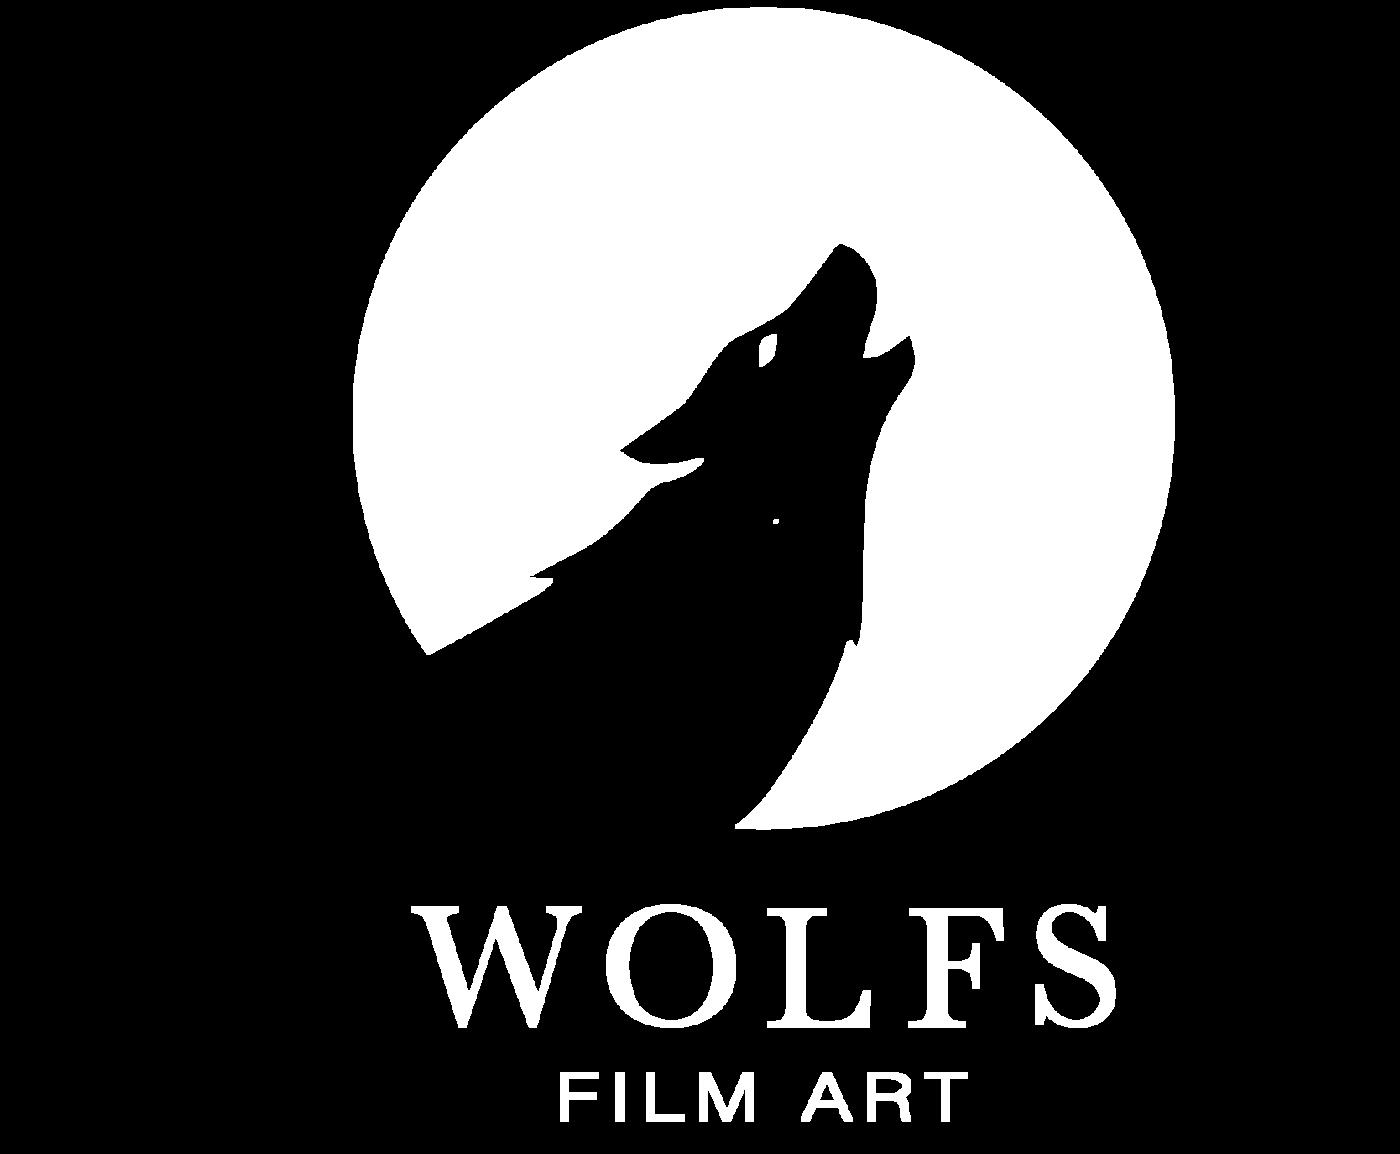 WOLFS FILM ART